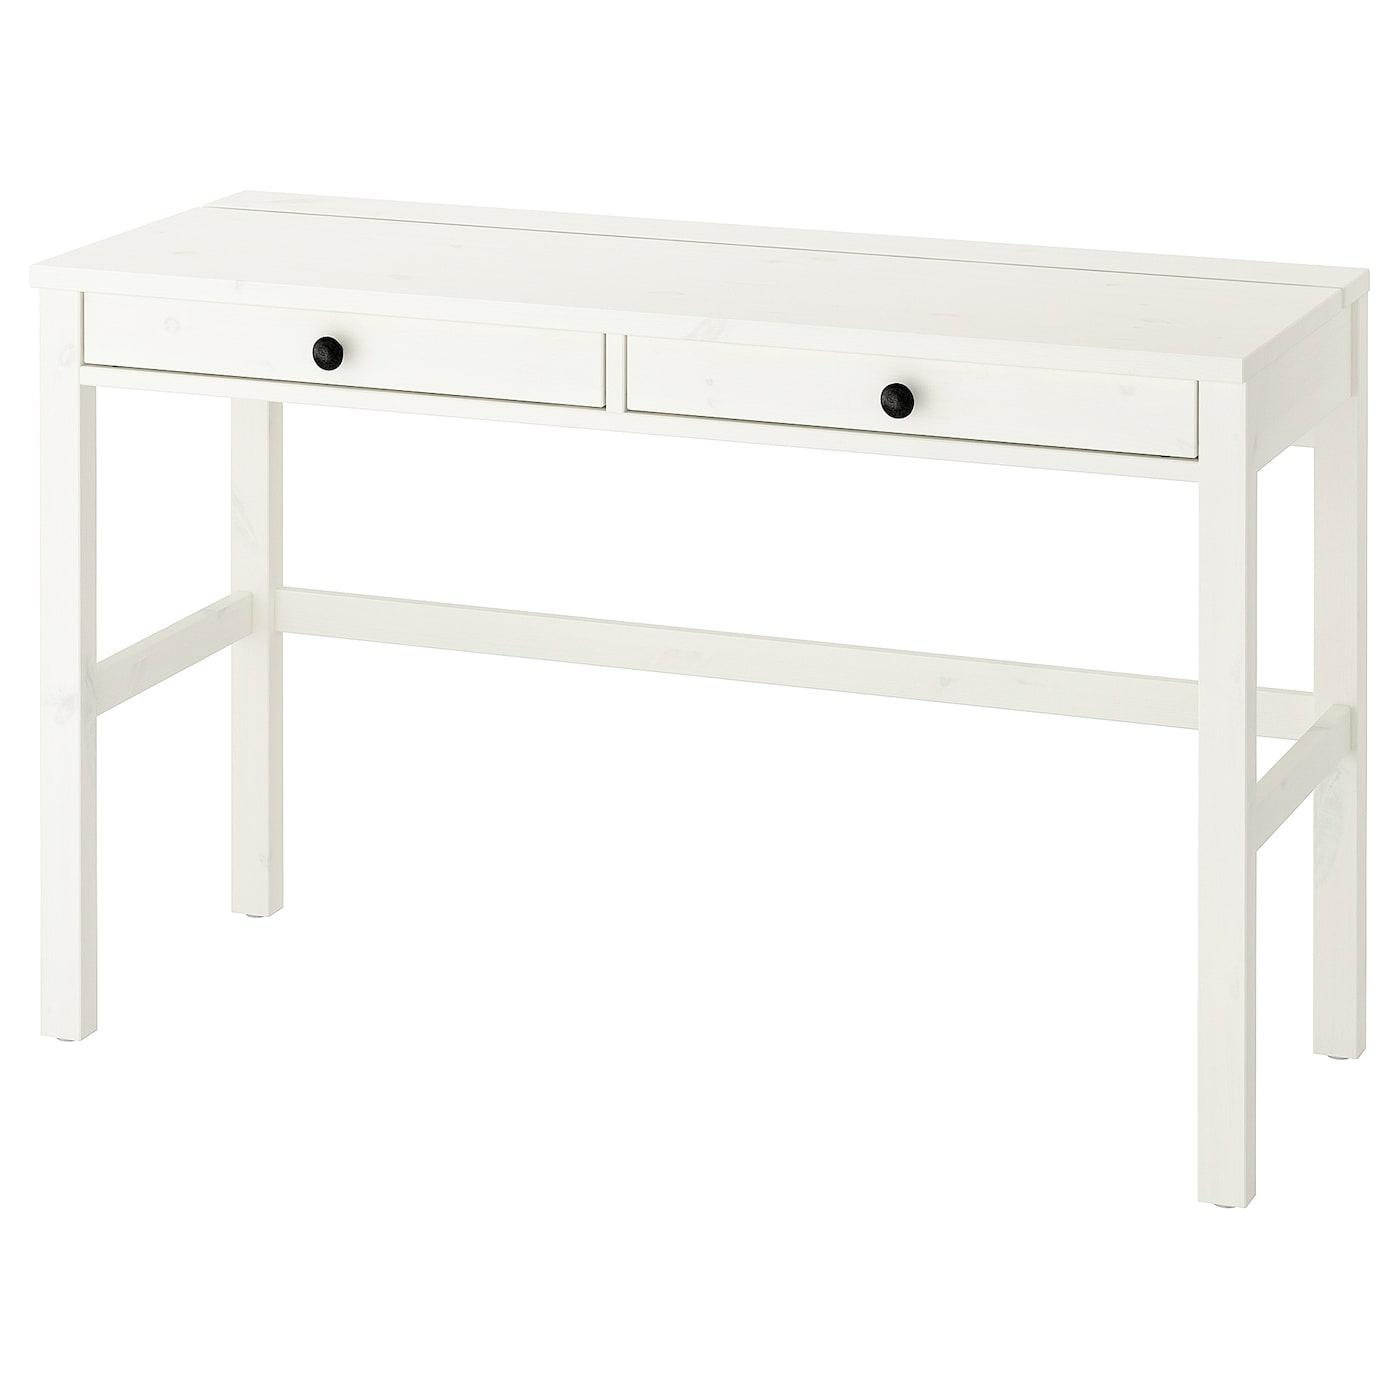 IKEA HEMNES białe biurko z dwiema szufladami, 120x47 cm